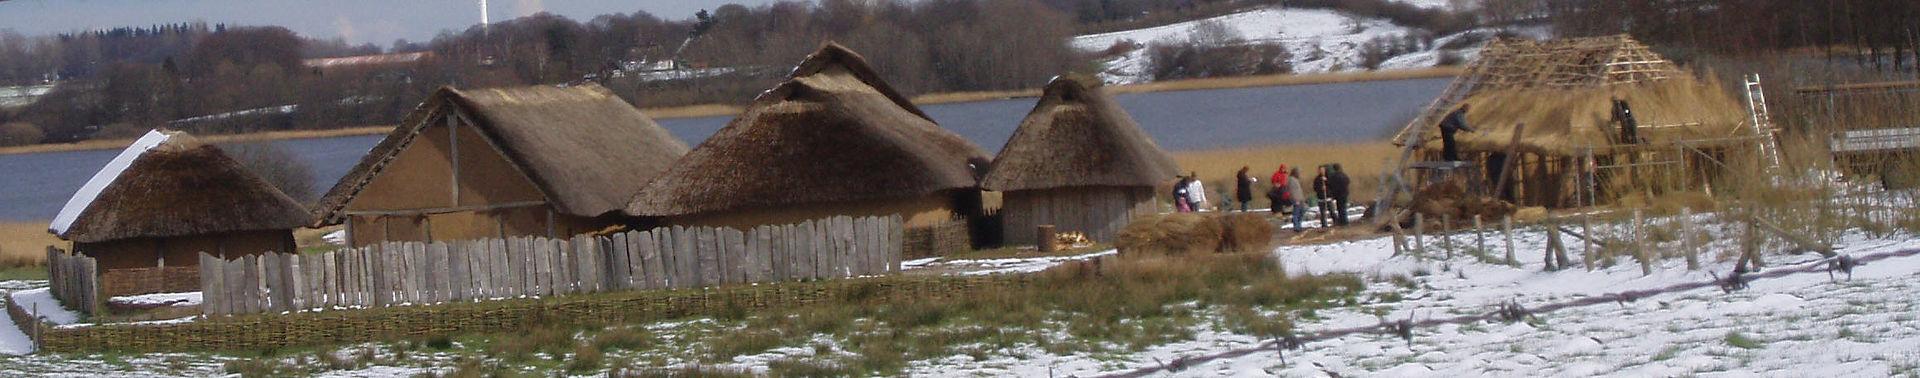 Vista general de la reconstrucción vikinga de Hedeby en la actualidad